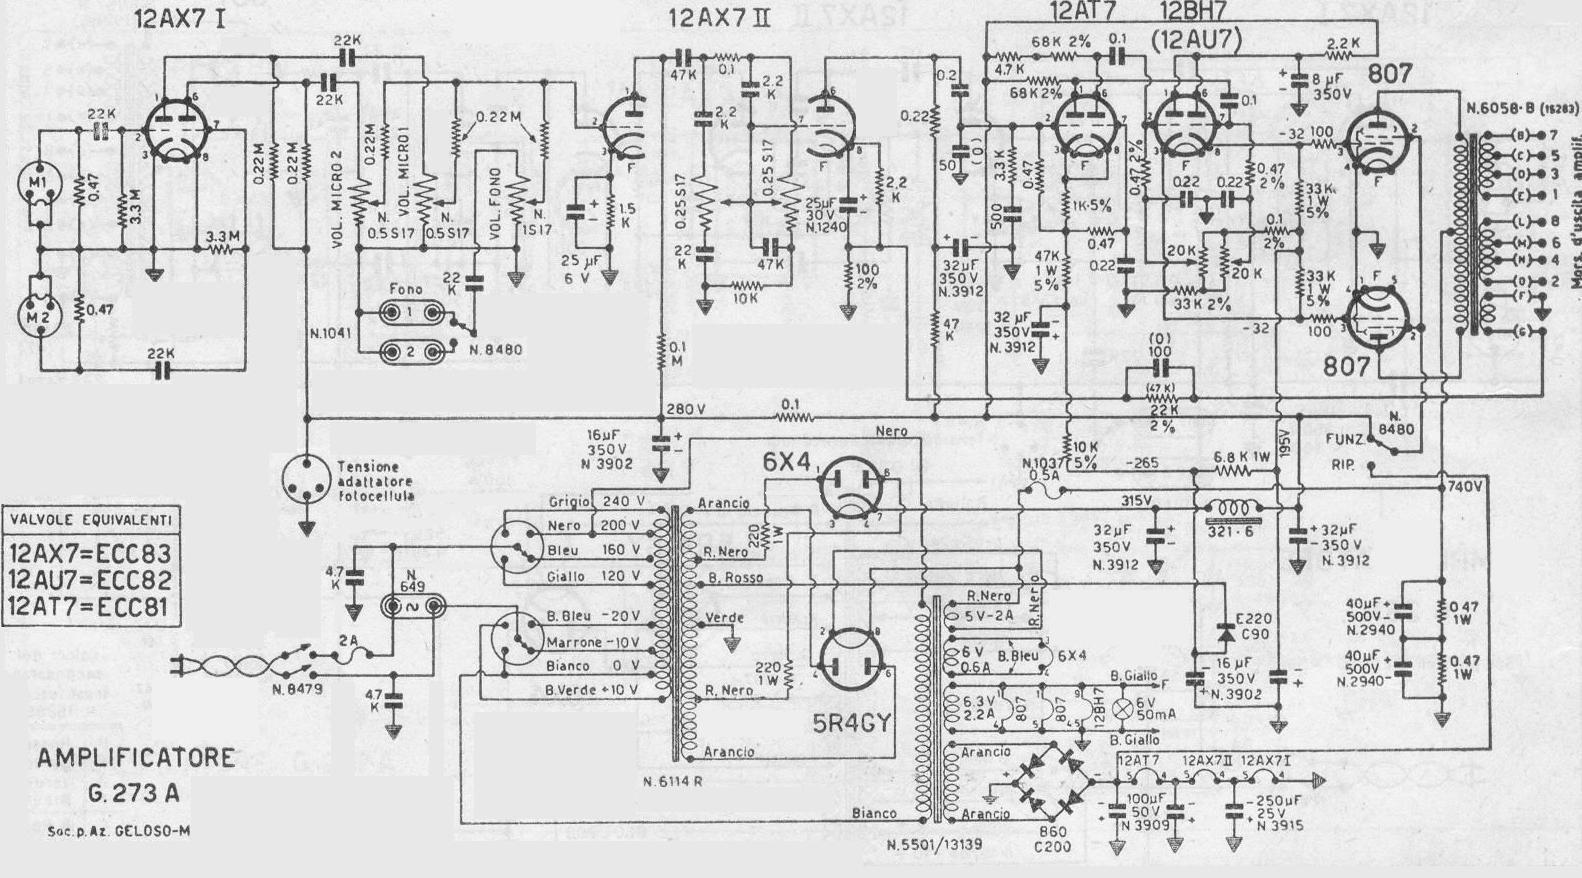 Circuito Wincofon : Circuitos radios tocadiscos amplificadores transmisores